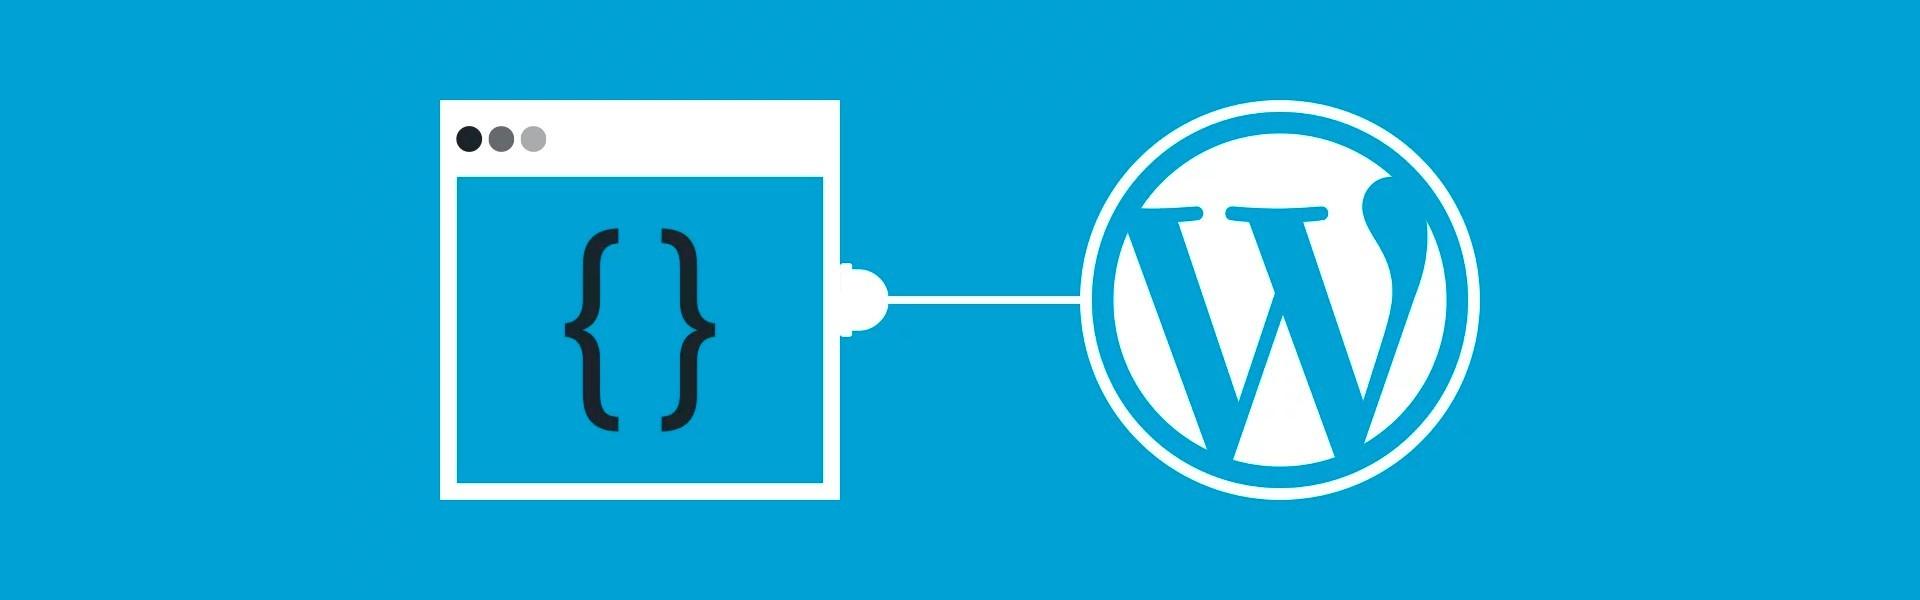 Cómo deshabilitar las imágenes generadas automáticamente en WordPress